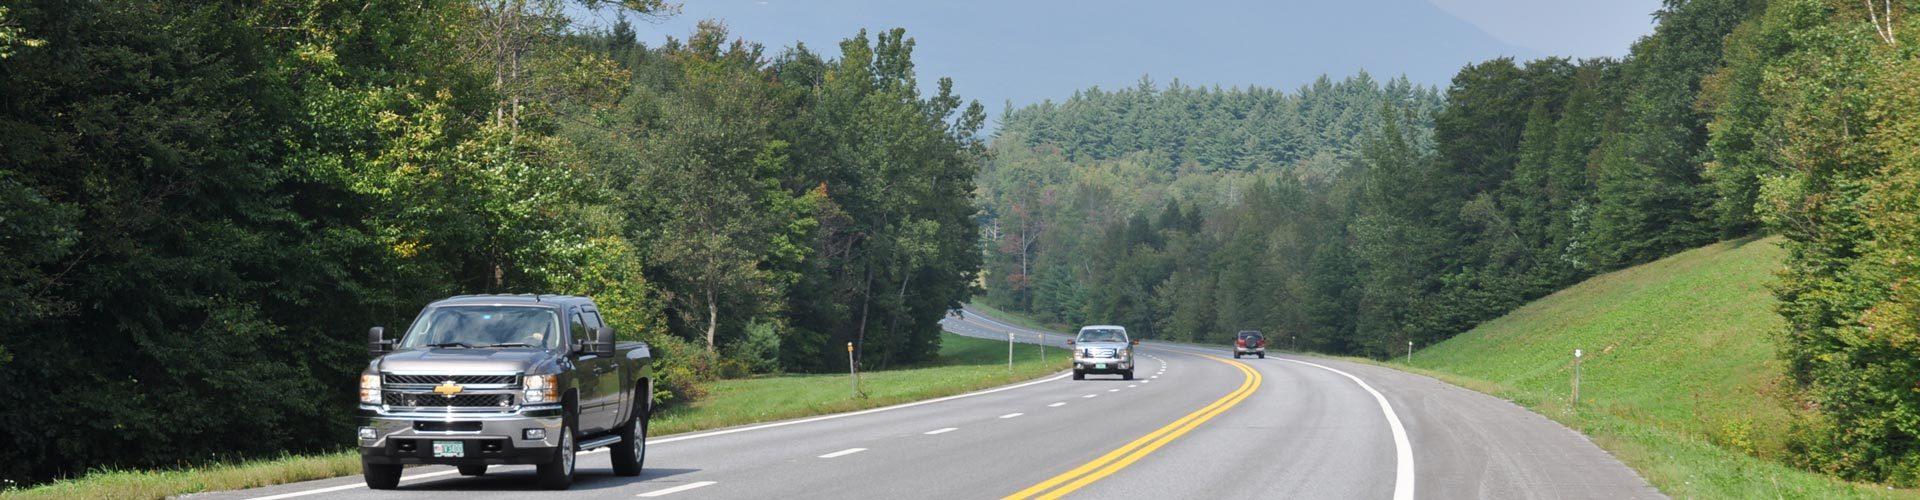 Mit dem Auto unterwegs in Vermont, Neuengland